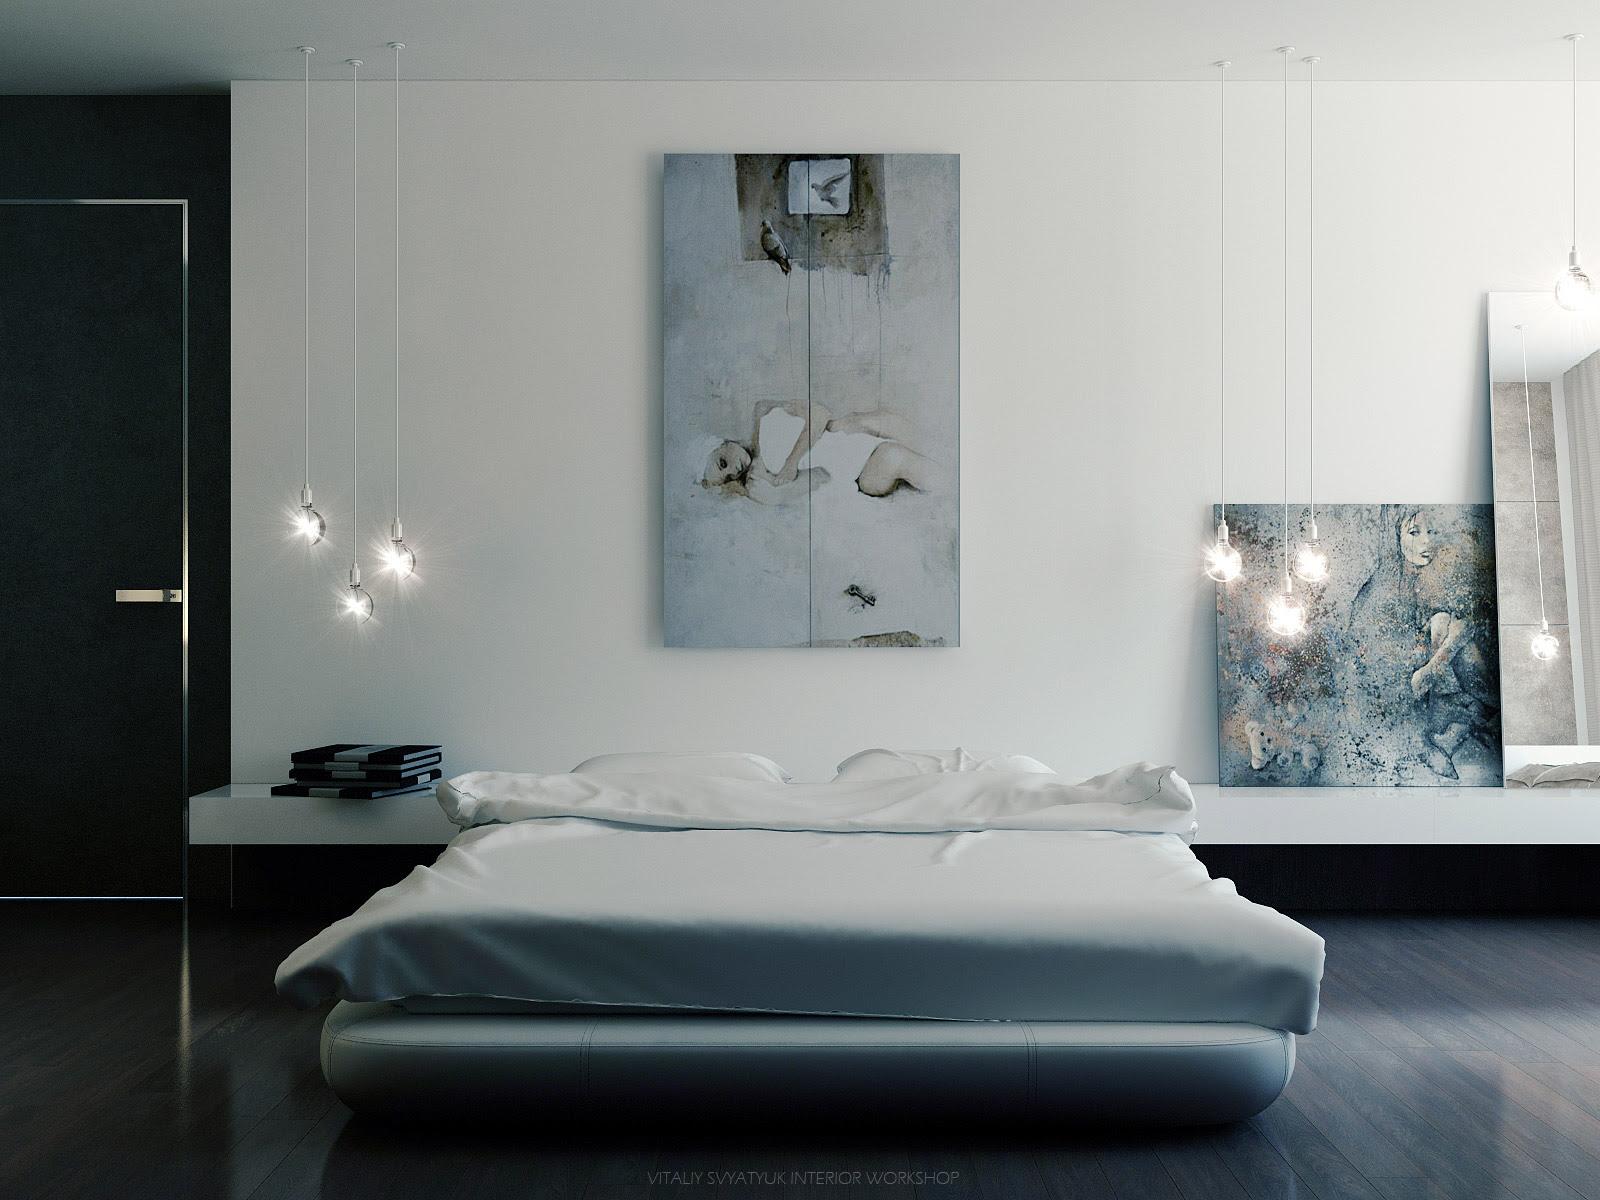 Modern art Vitaly Sv